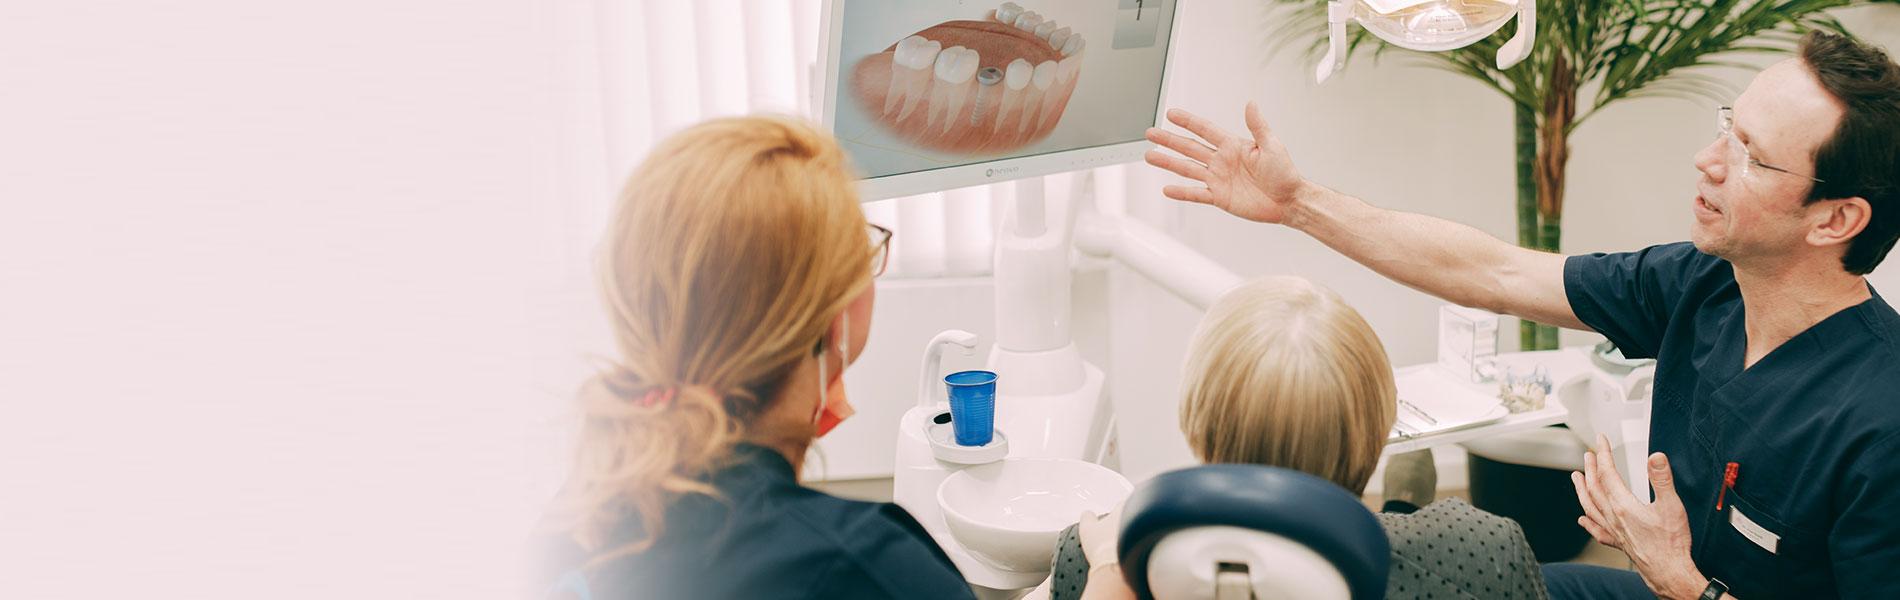 Dr. Sven Kurth ist Zahnarzt für Implantologie in Berlin-Spandau.